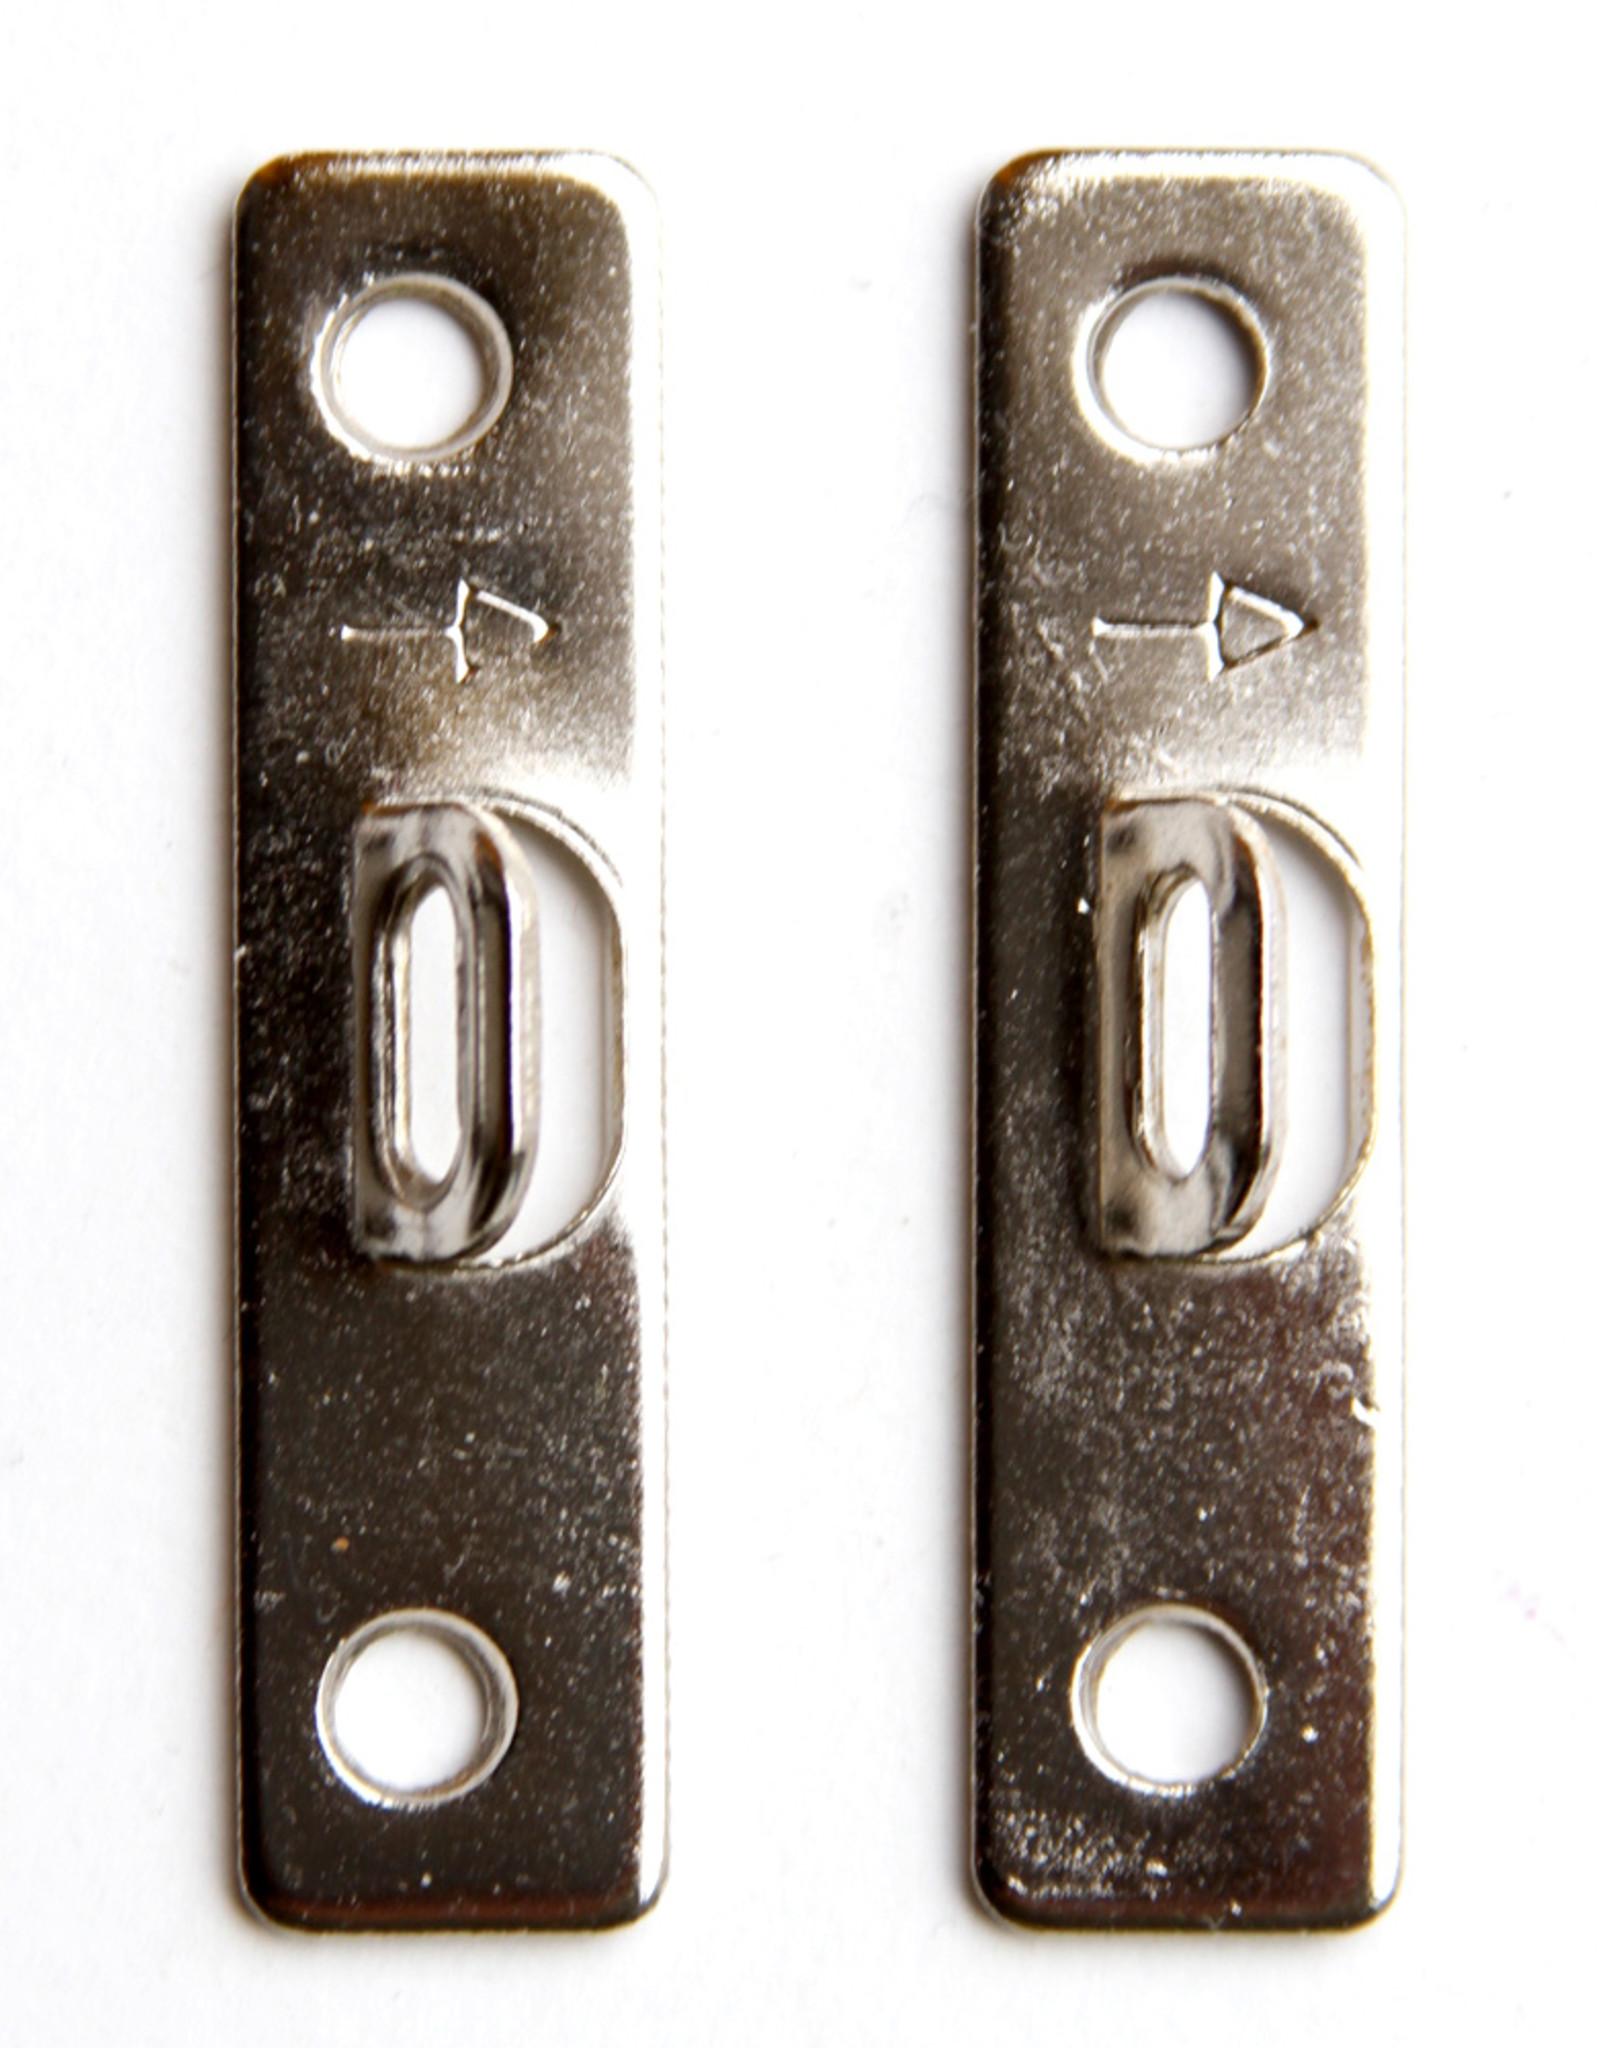 Larson Juhl 10 stuks schroefplaatjes 51 mm plus 20 schroefjes